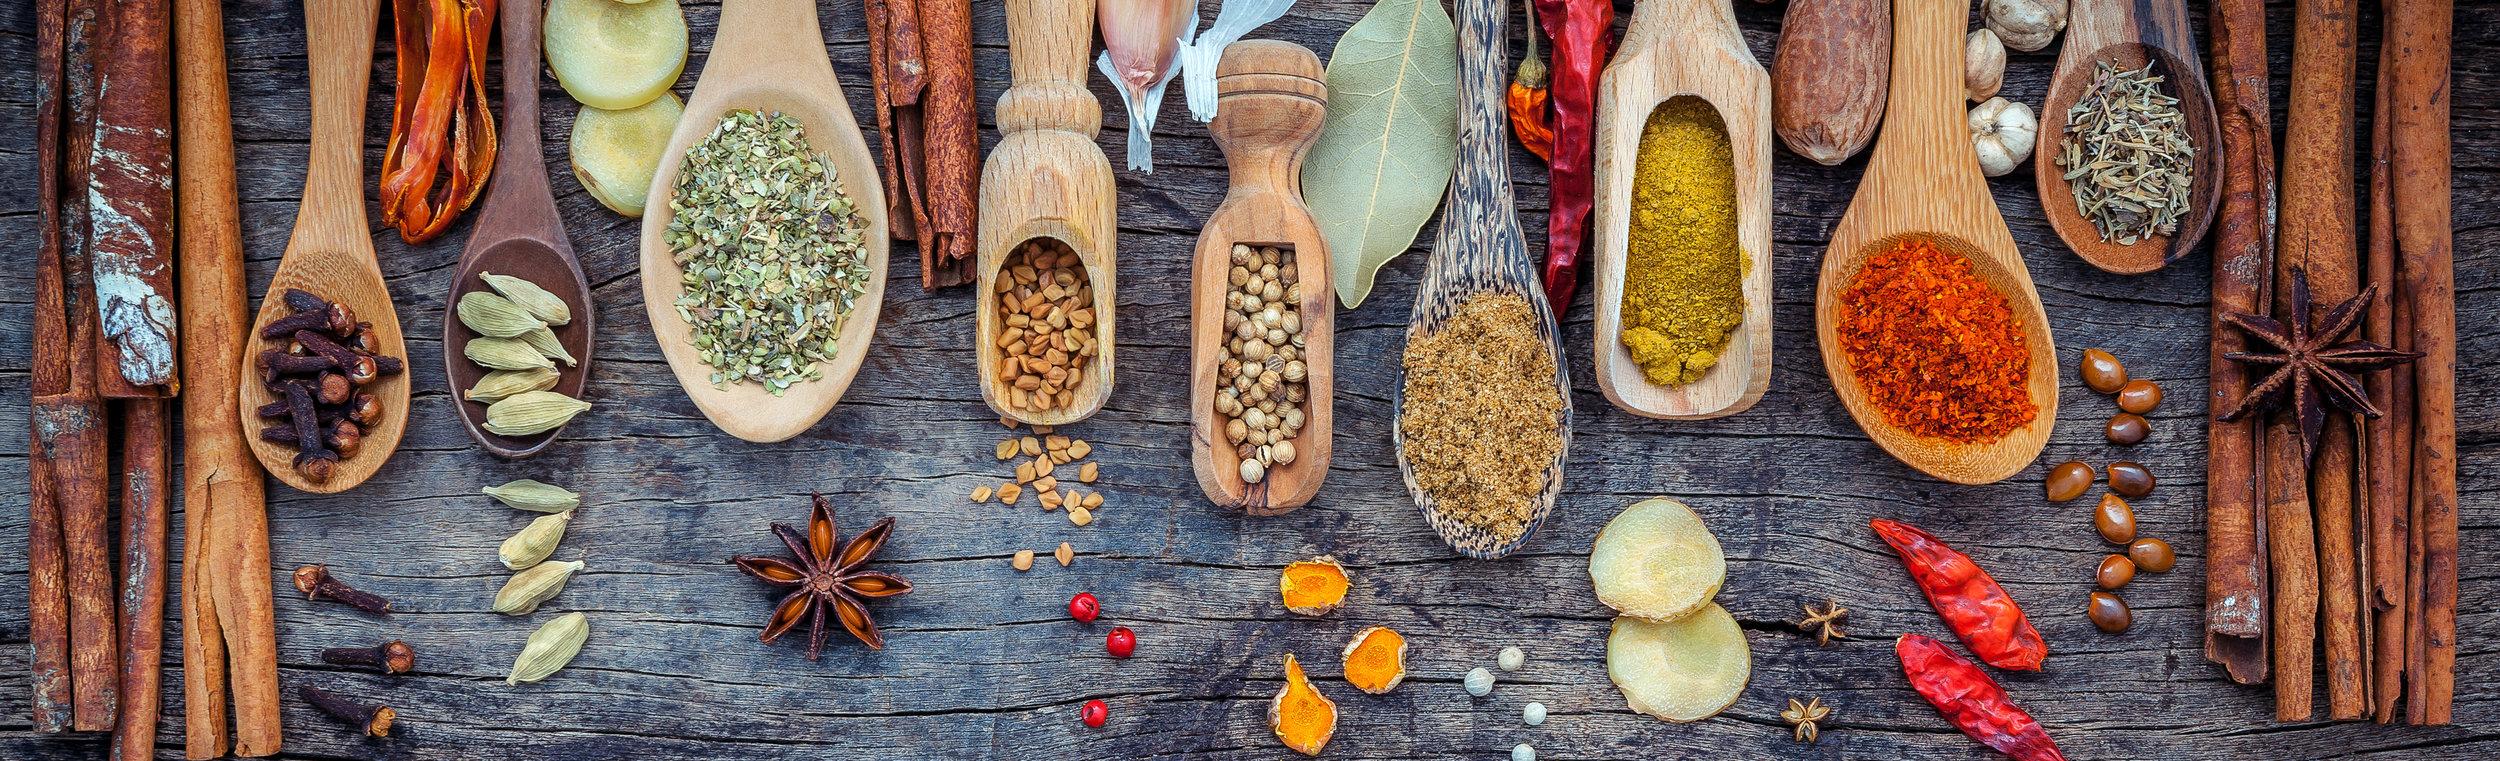 center-acupuncture-herbal-medicine-2